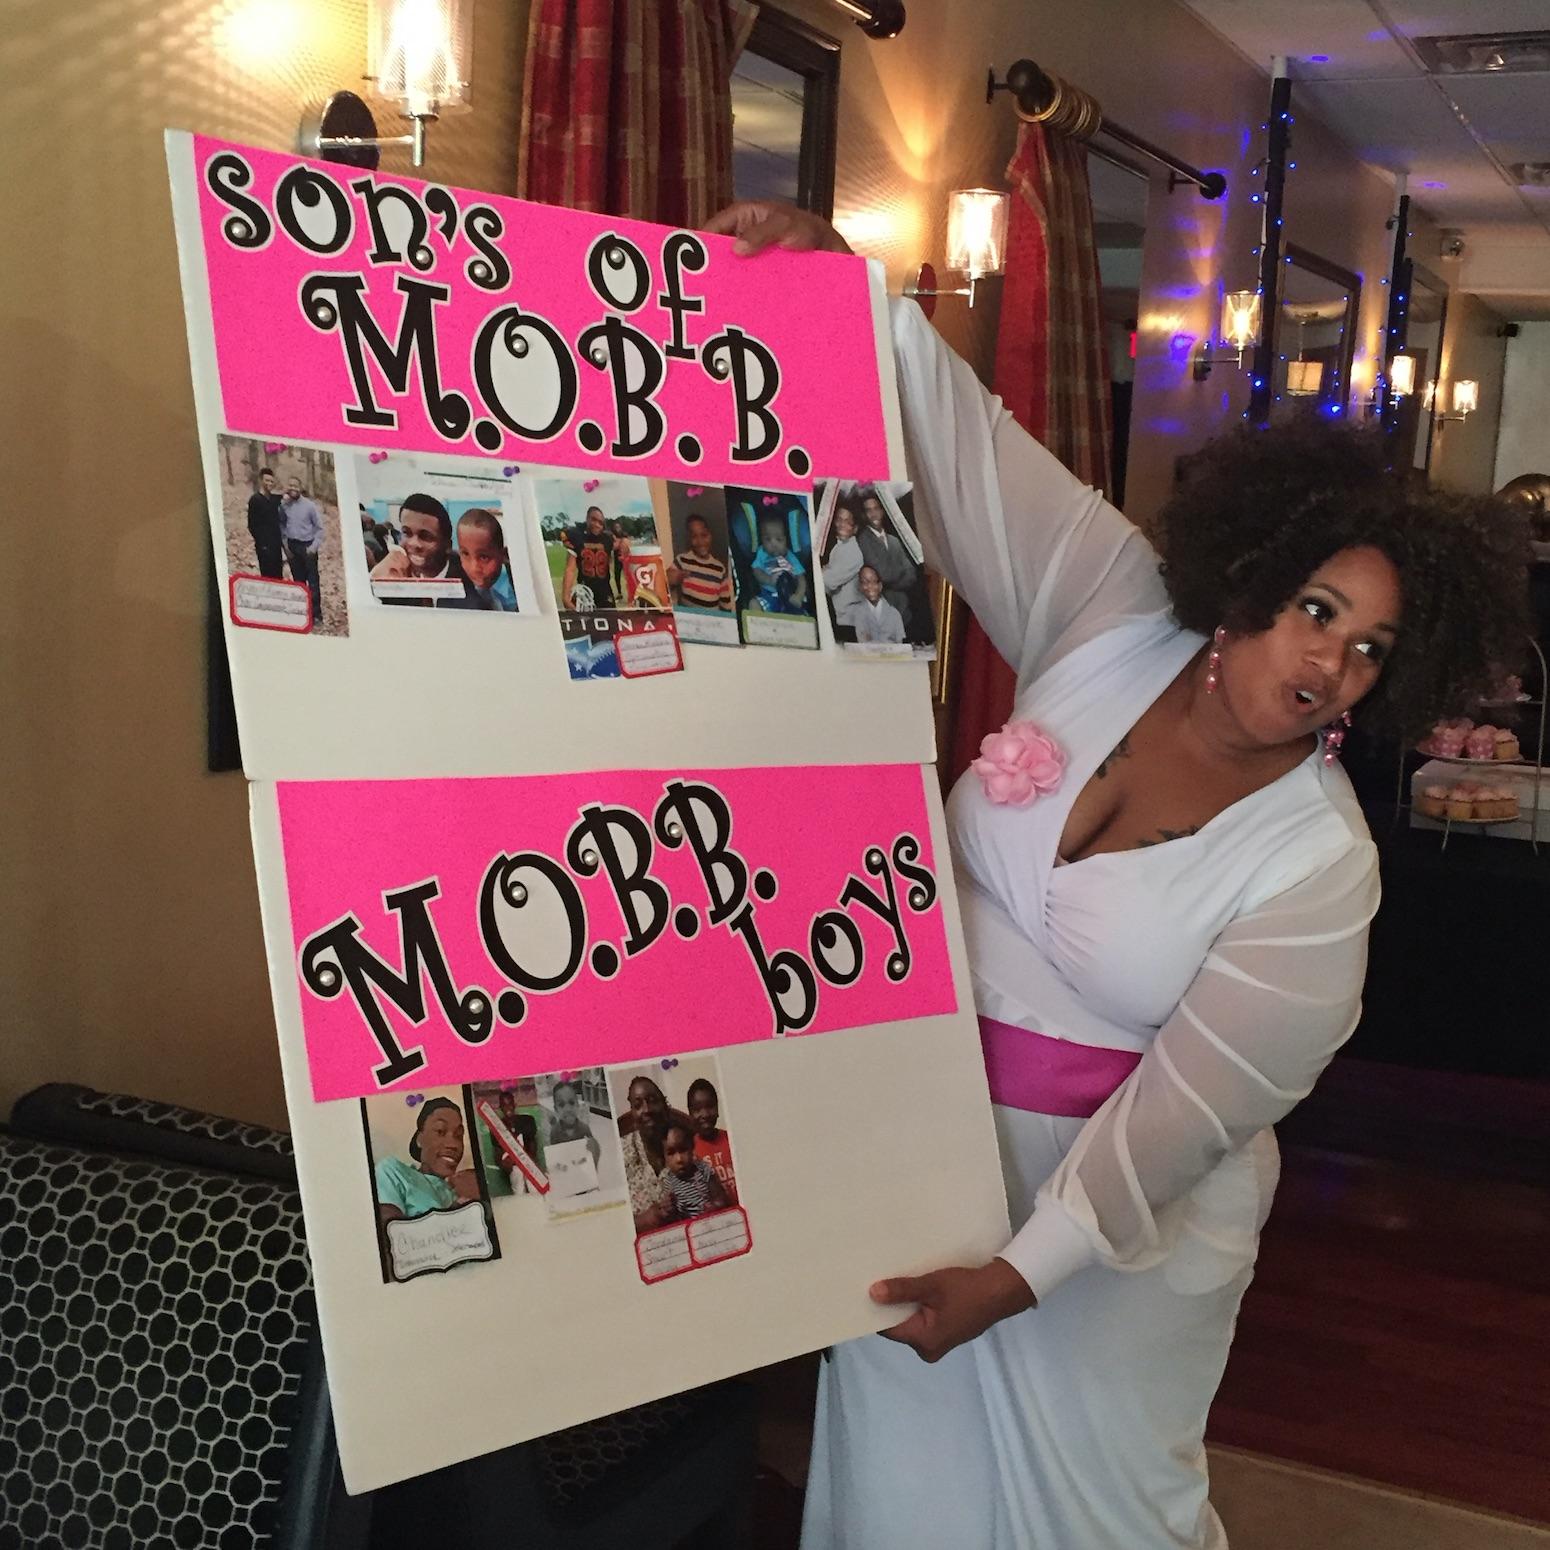 MOBB EVENT